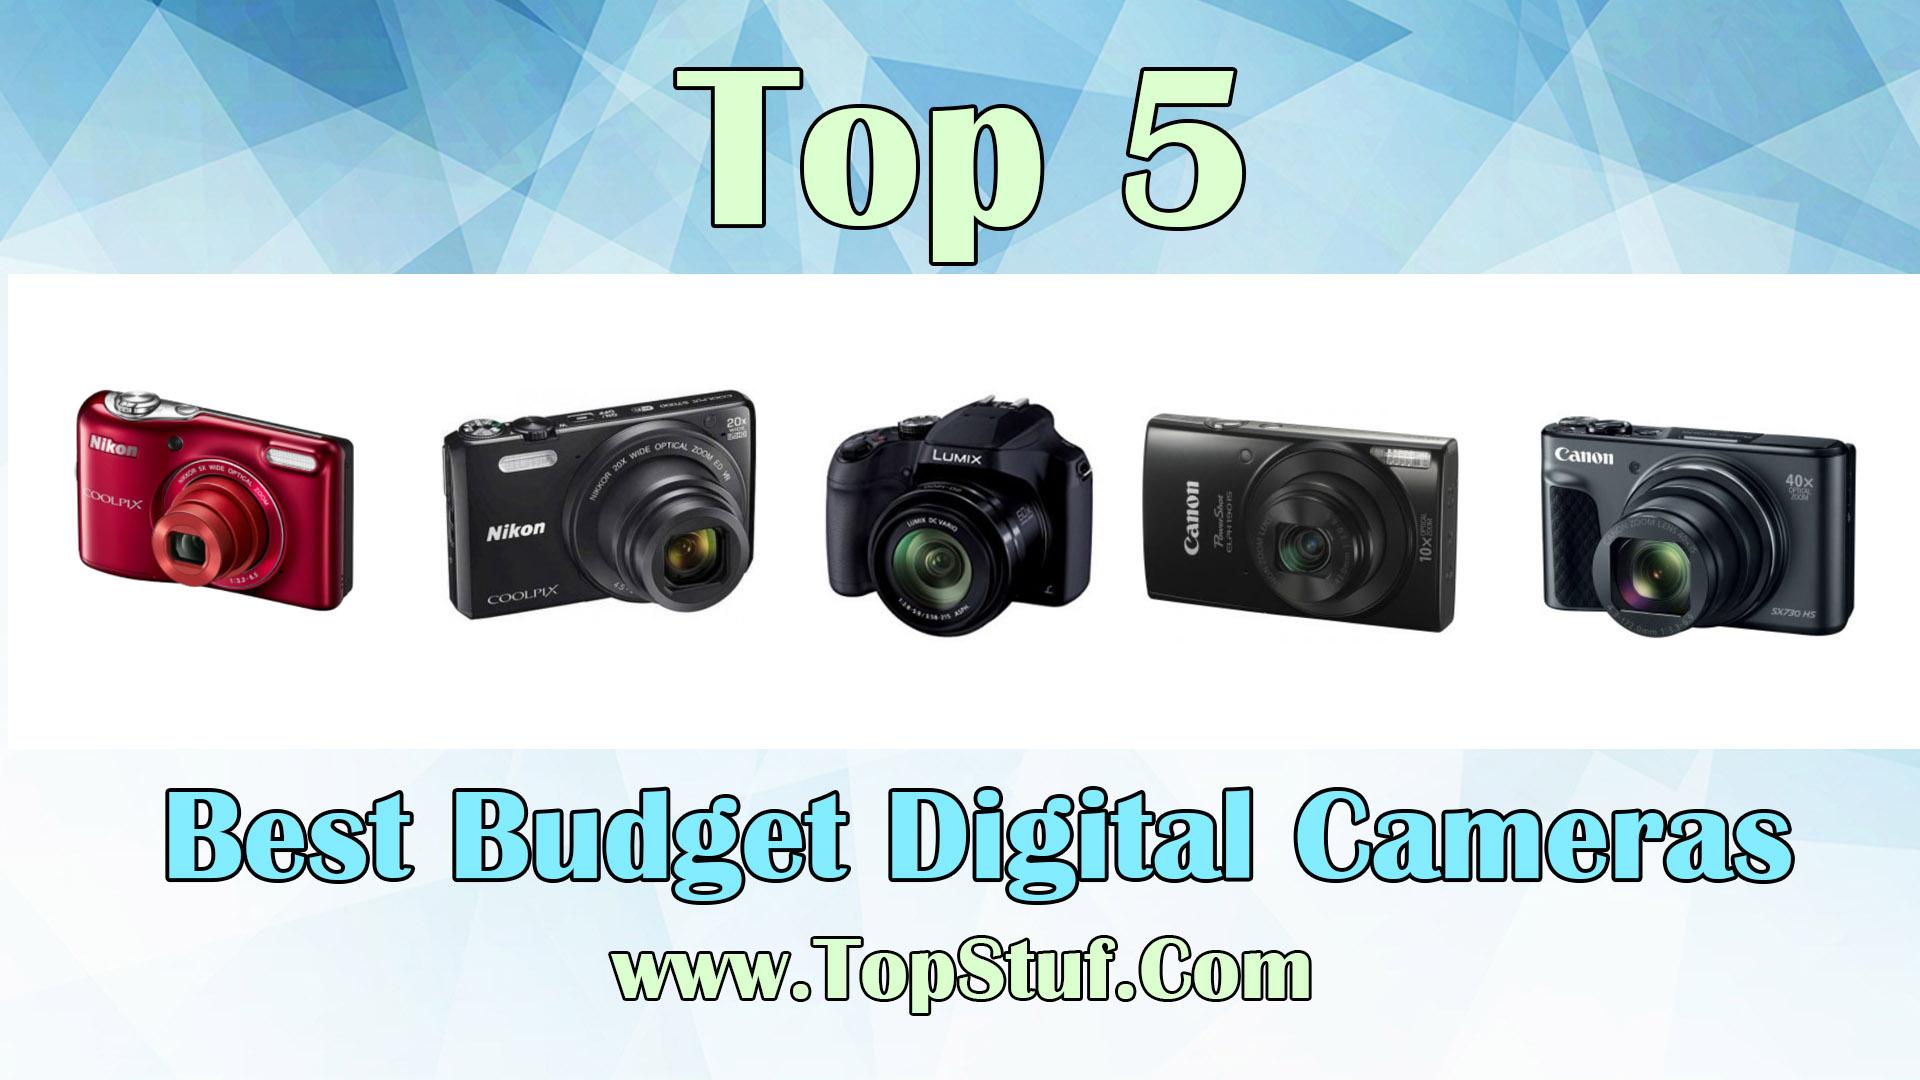 Budget Digital Cameras